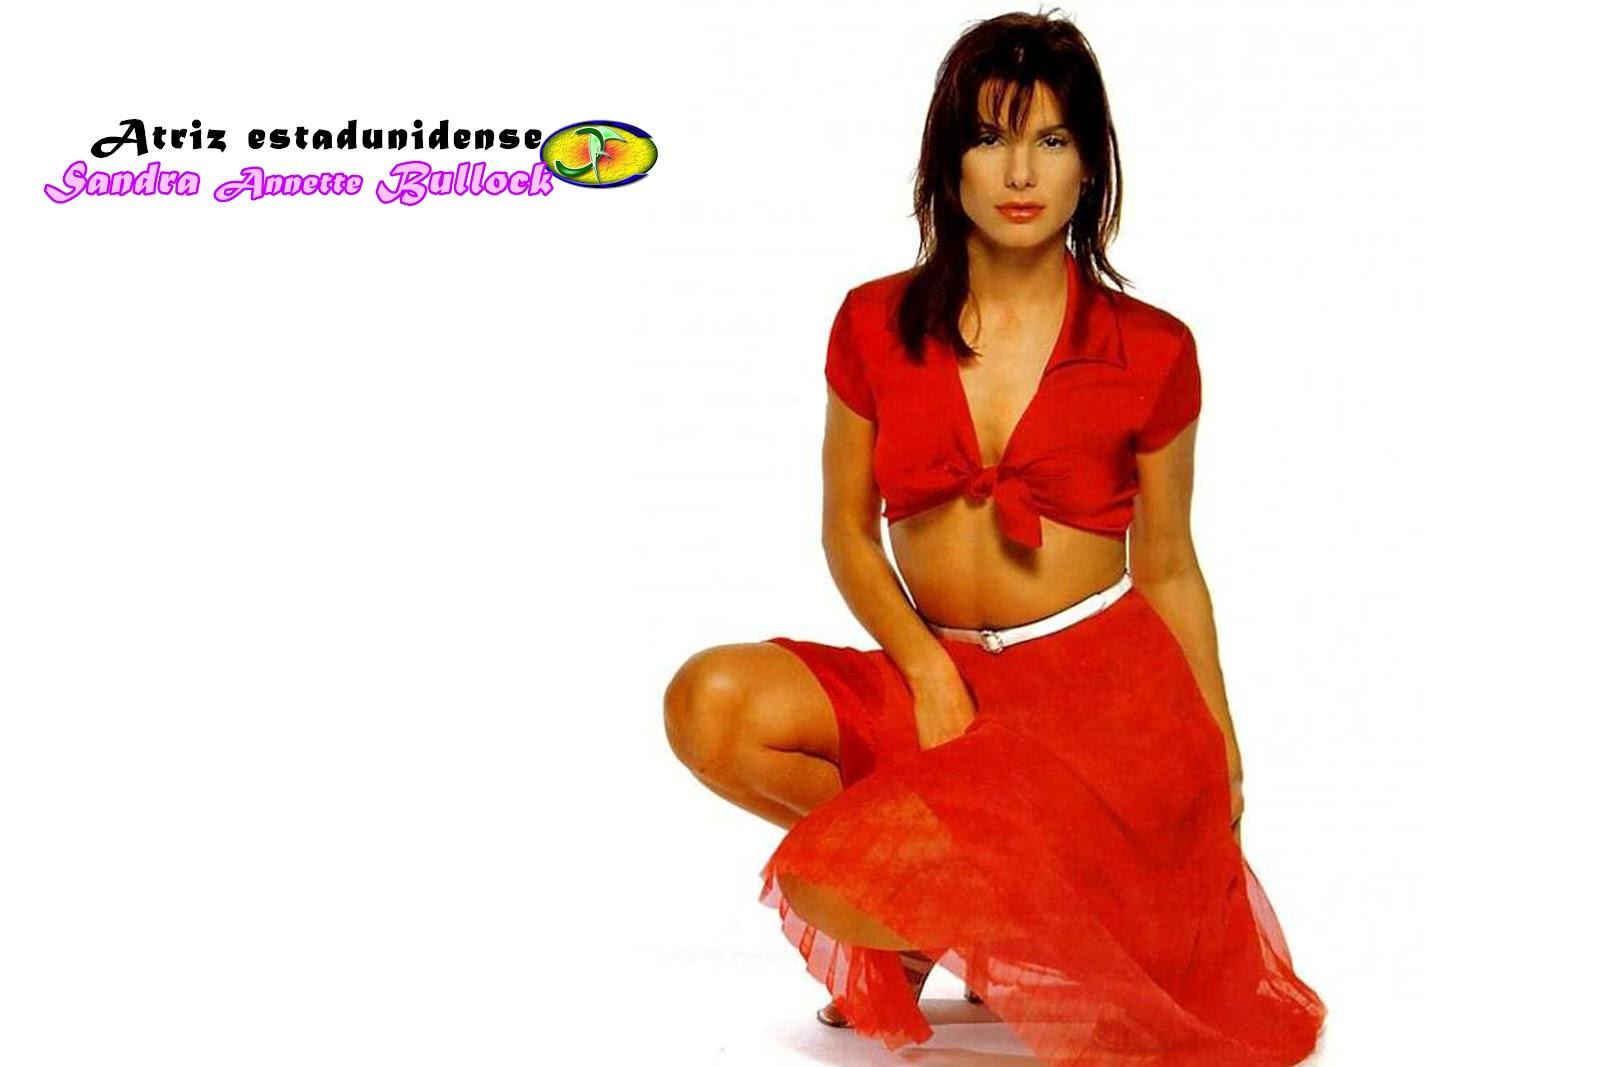 Сандра балок сладенькие губки смотреть онлайн, Sandra bullock 21 Порно видео 3 фотография